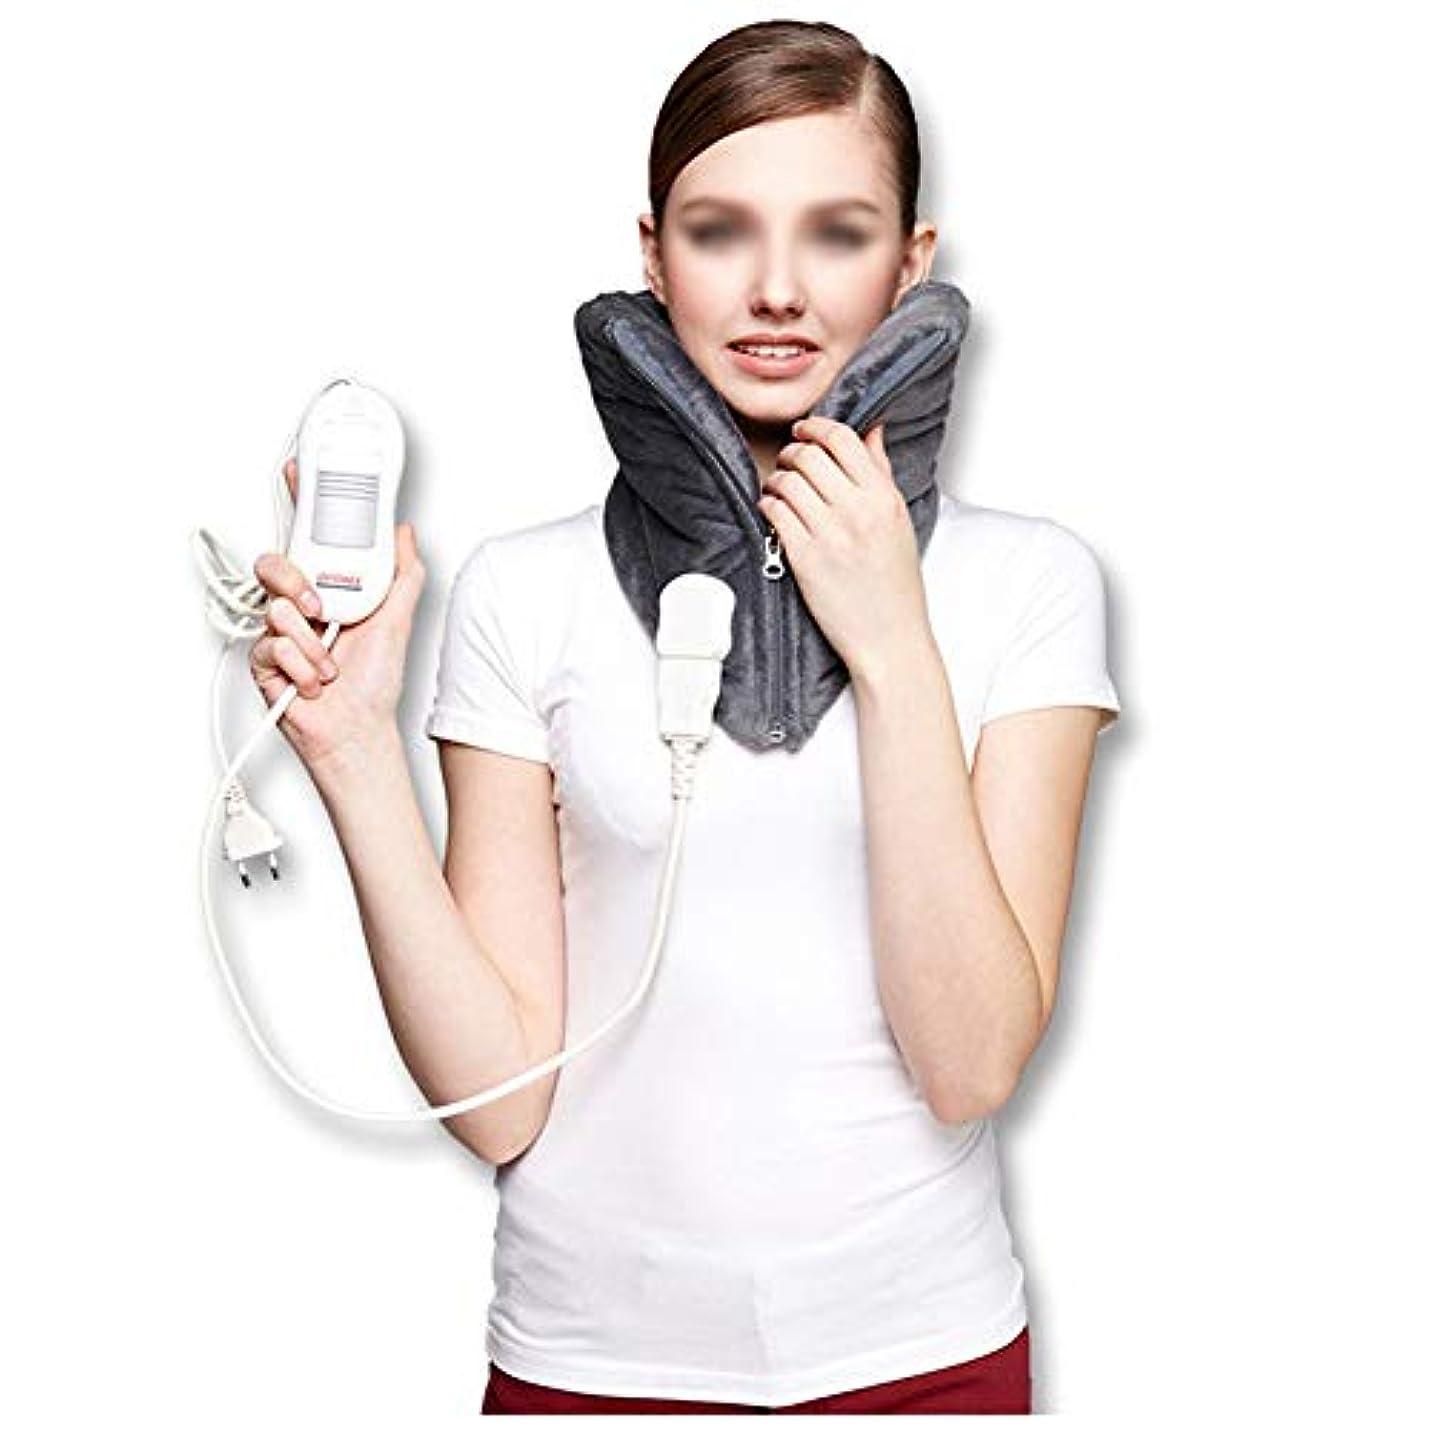 マットギャングスター汚染頚部の電気ヒーターパッド - 暖かい頚椎のヒートパッド、自動電源オフ、洗える、3速度一定温度、高齢者の痛みを軽減するマッサージャー